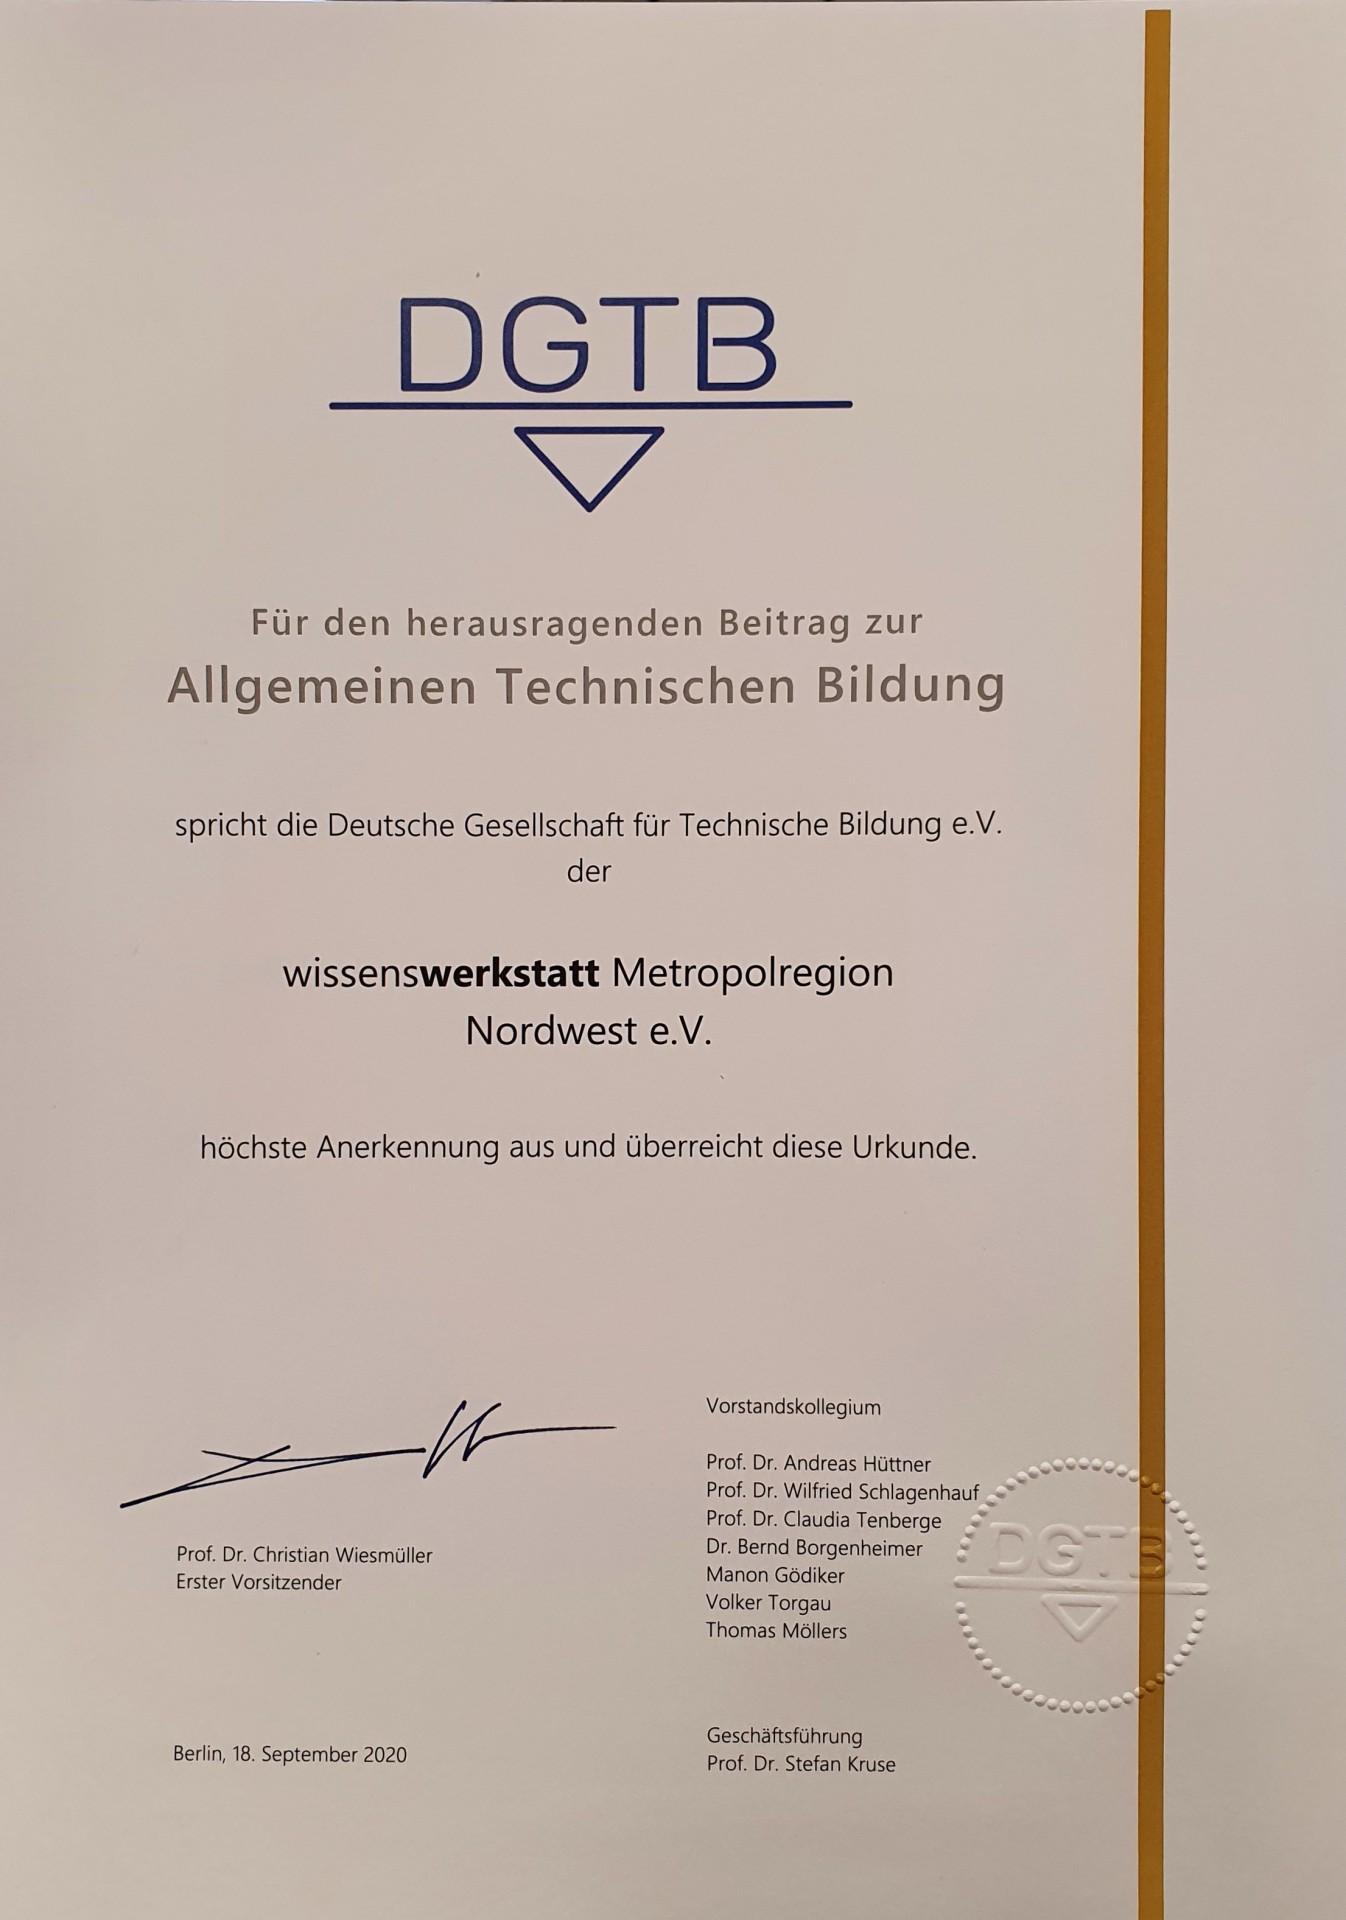 Urkunde DGTB .jpg